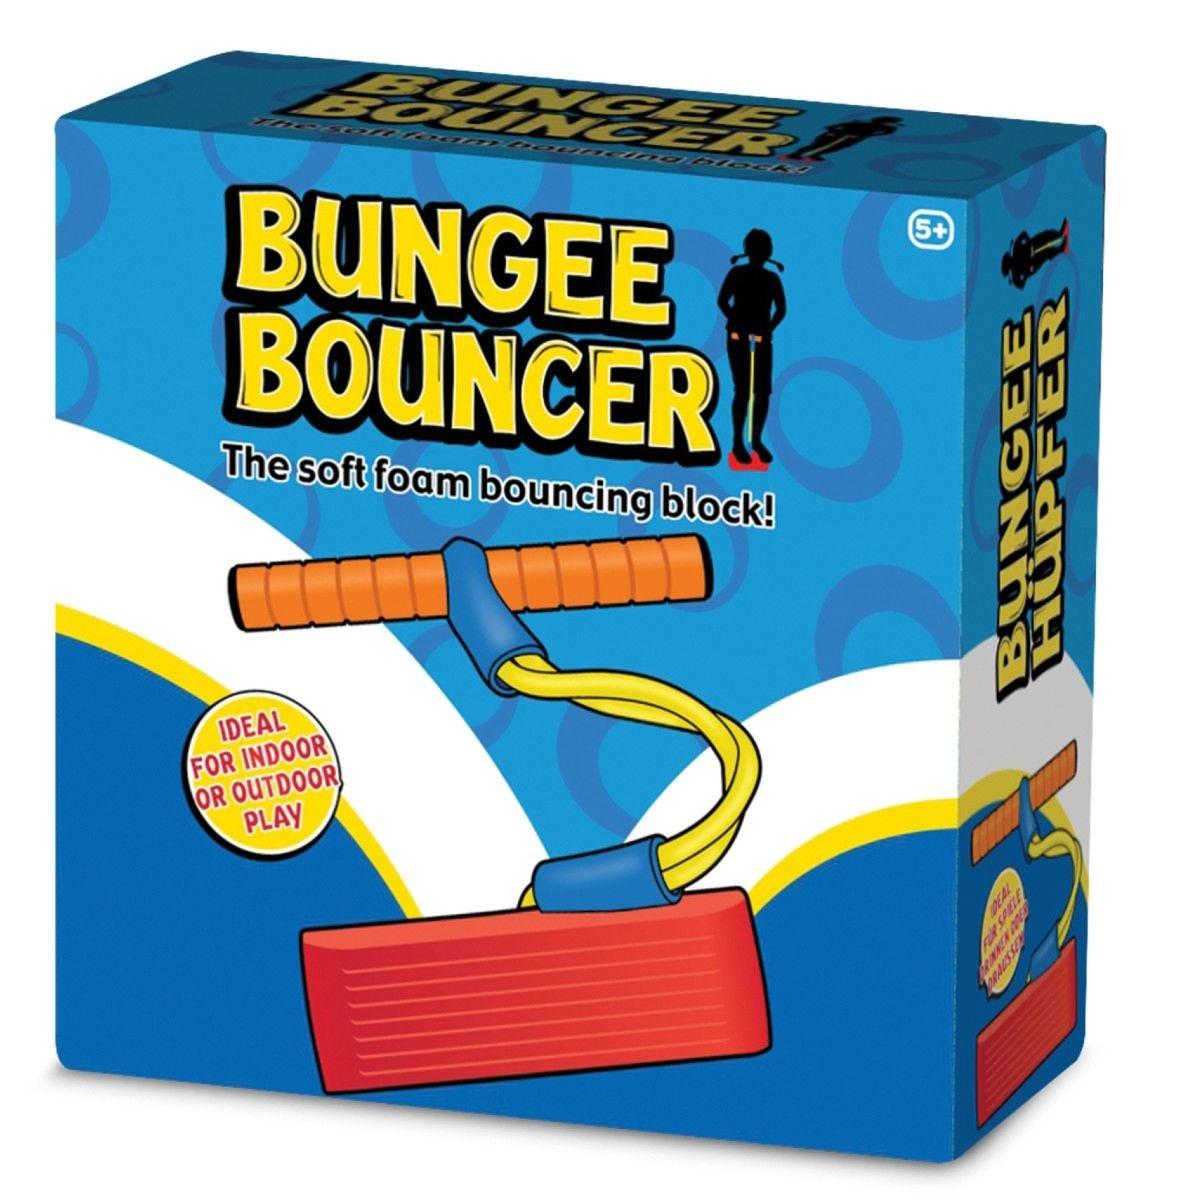 Bungee Bouncer Hopper